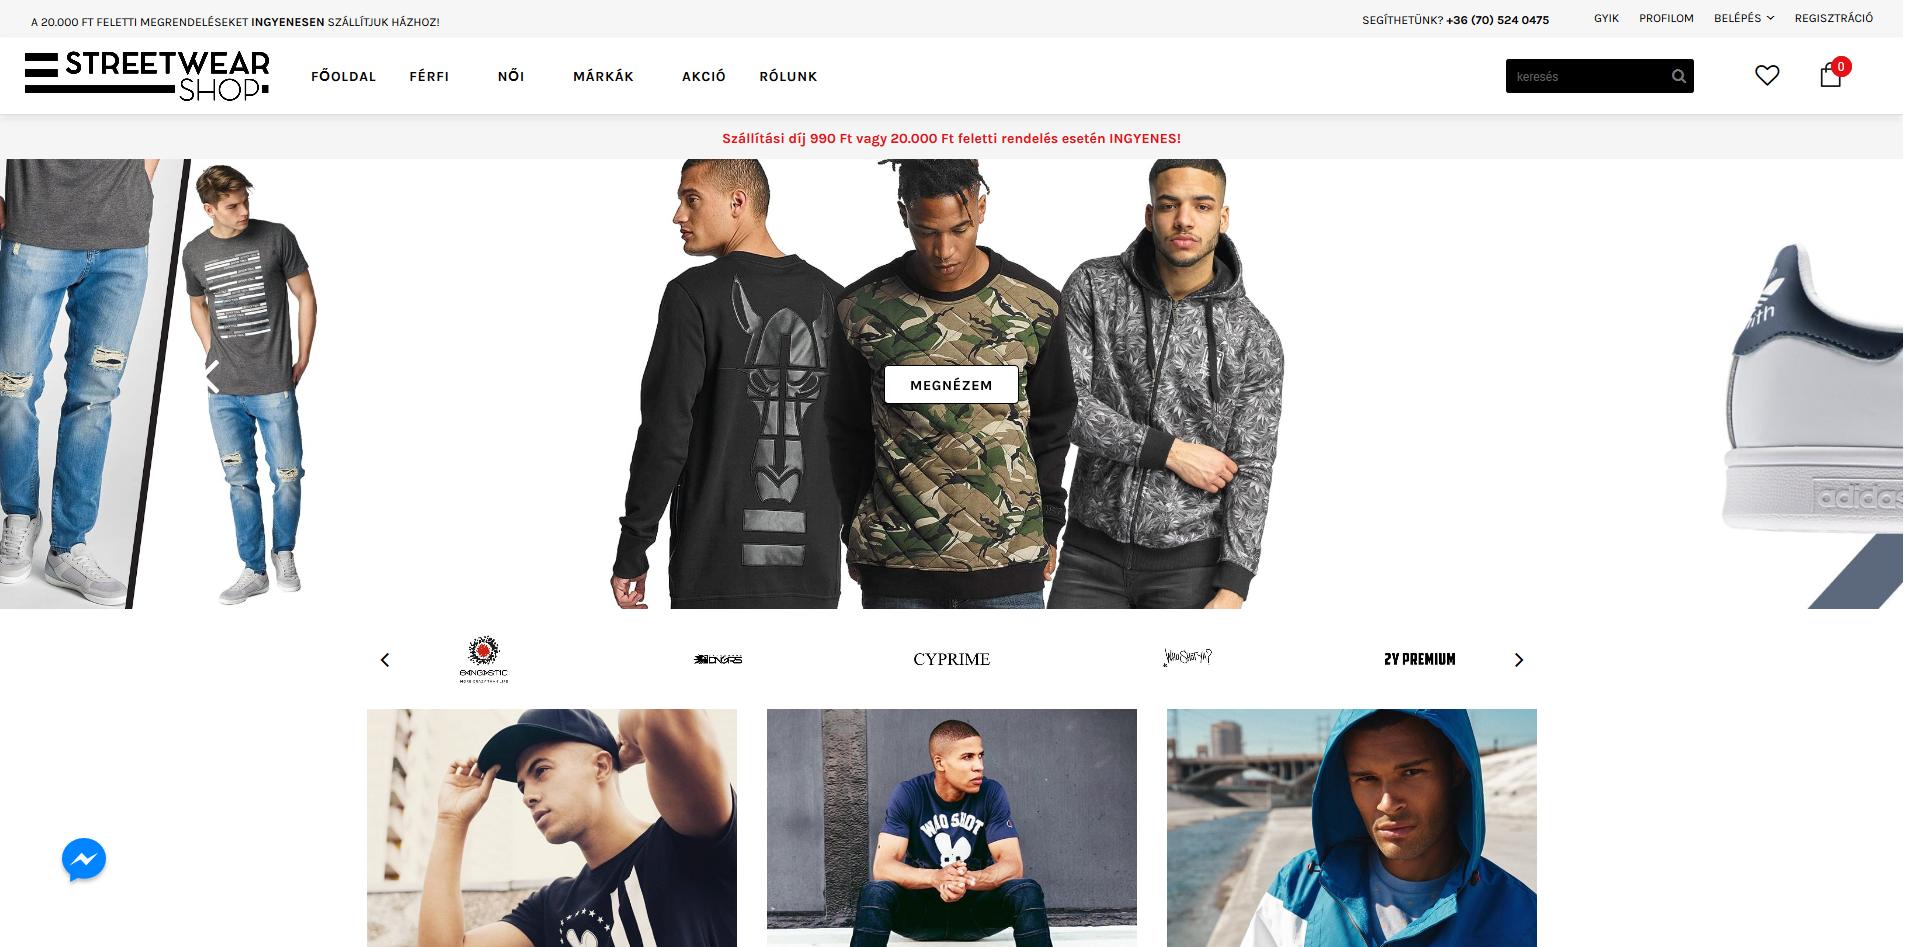 """<a href=""""https://streetwearshop.hu/"""" target=""""_blank"""">Streetwearshop.hu</a>"""